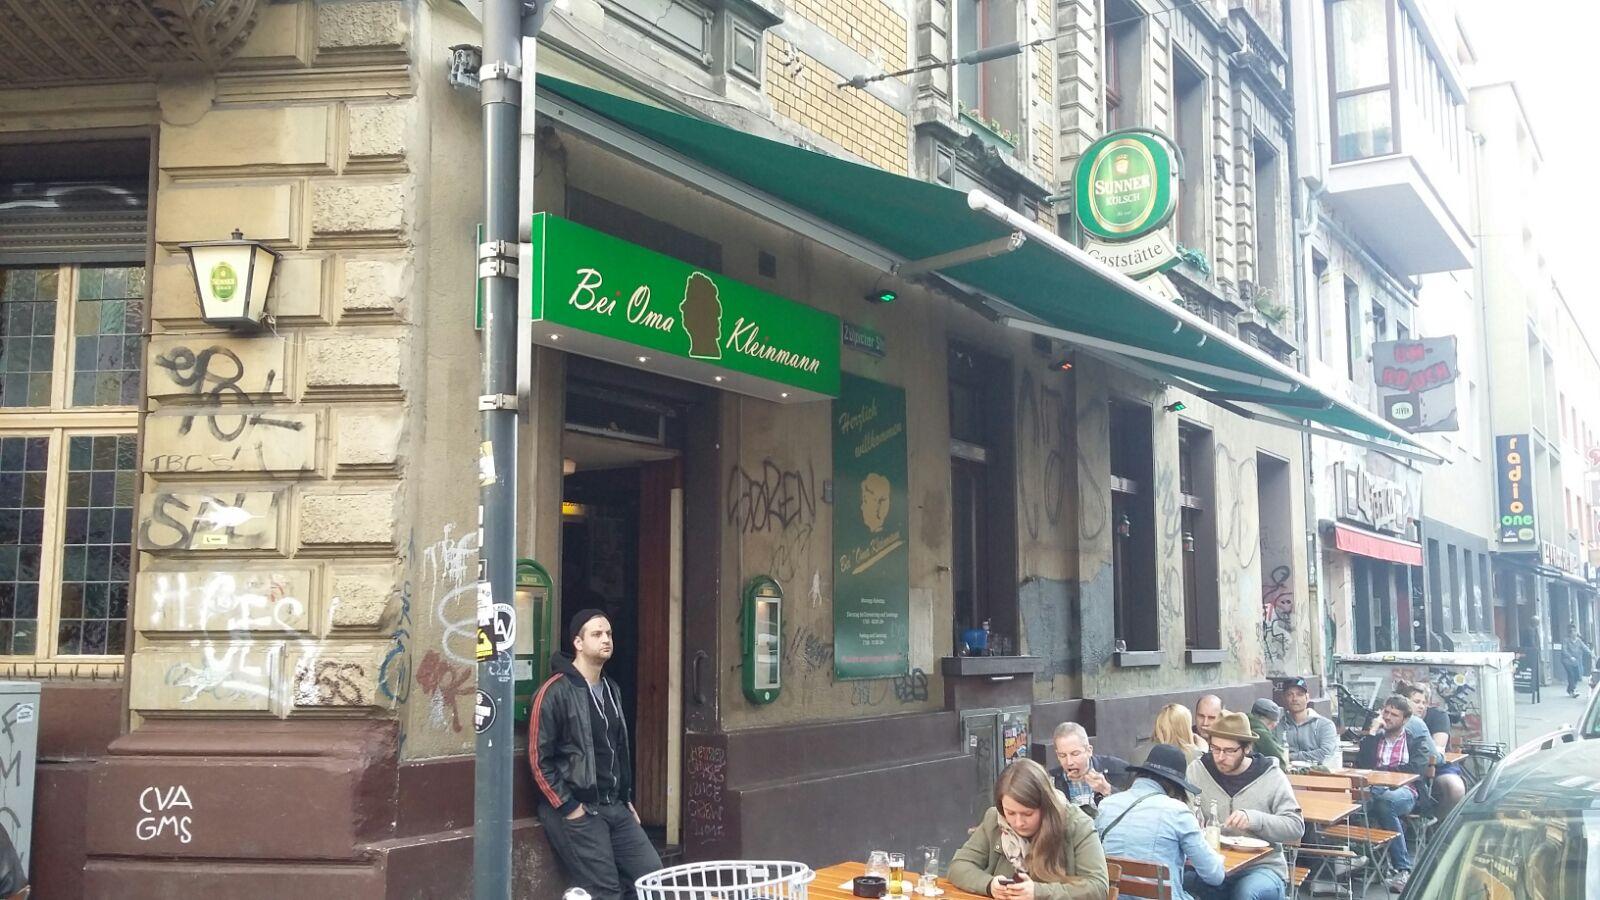 Essen gehen in Köln? Das sind unsere 10 Schlemmertipps für ein langes Wochenende: Grandioses und großes Schnitzel bei Oma Kleinmann